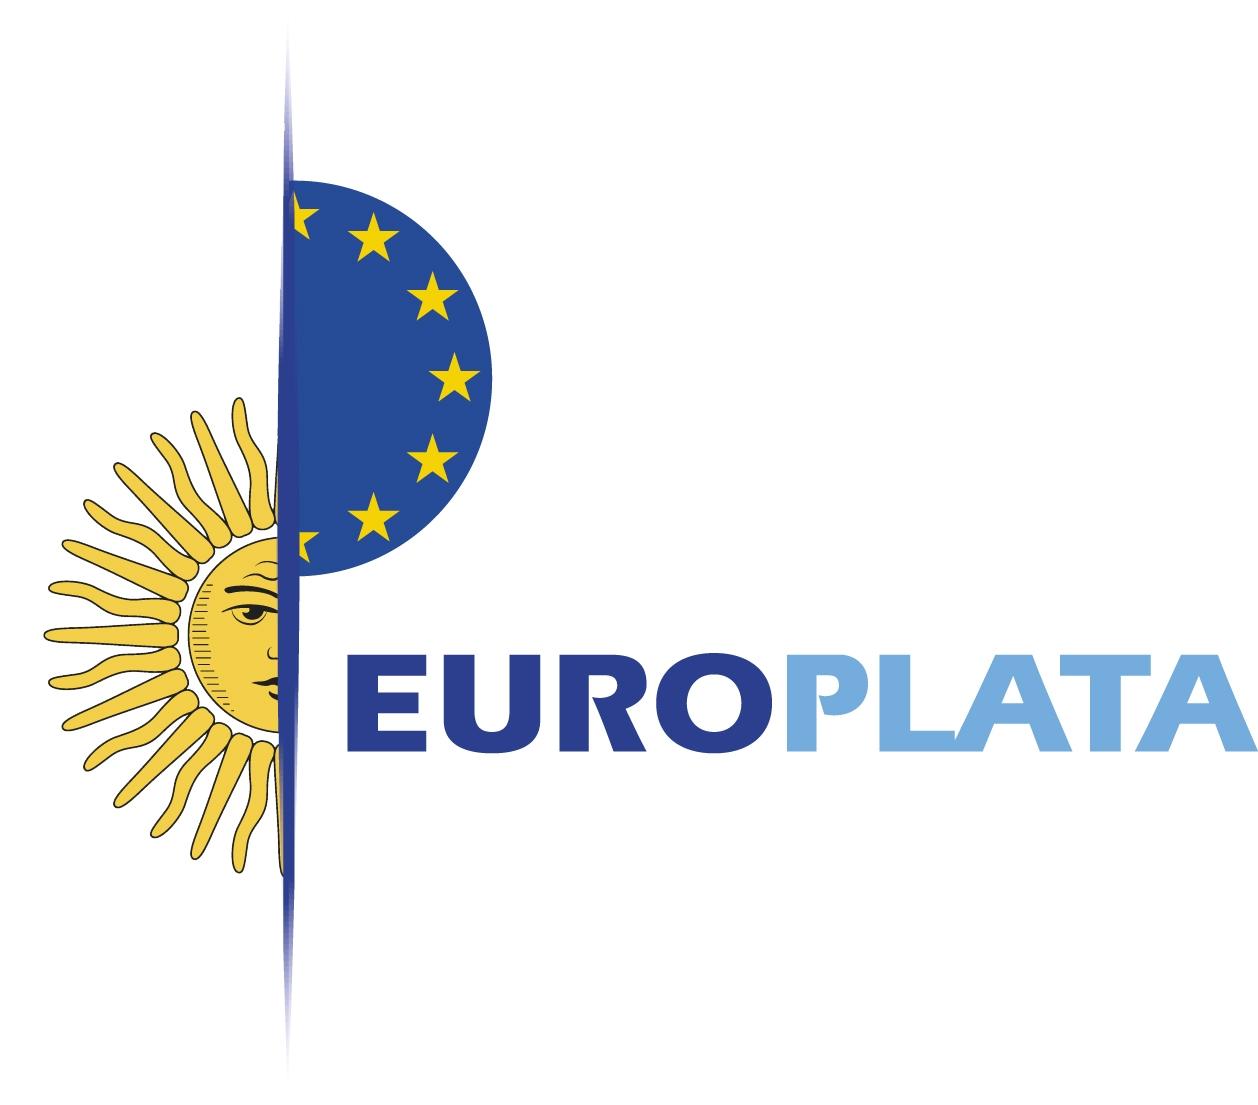 EUROPLATA